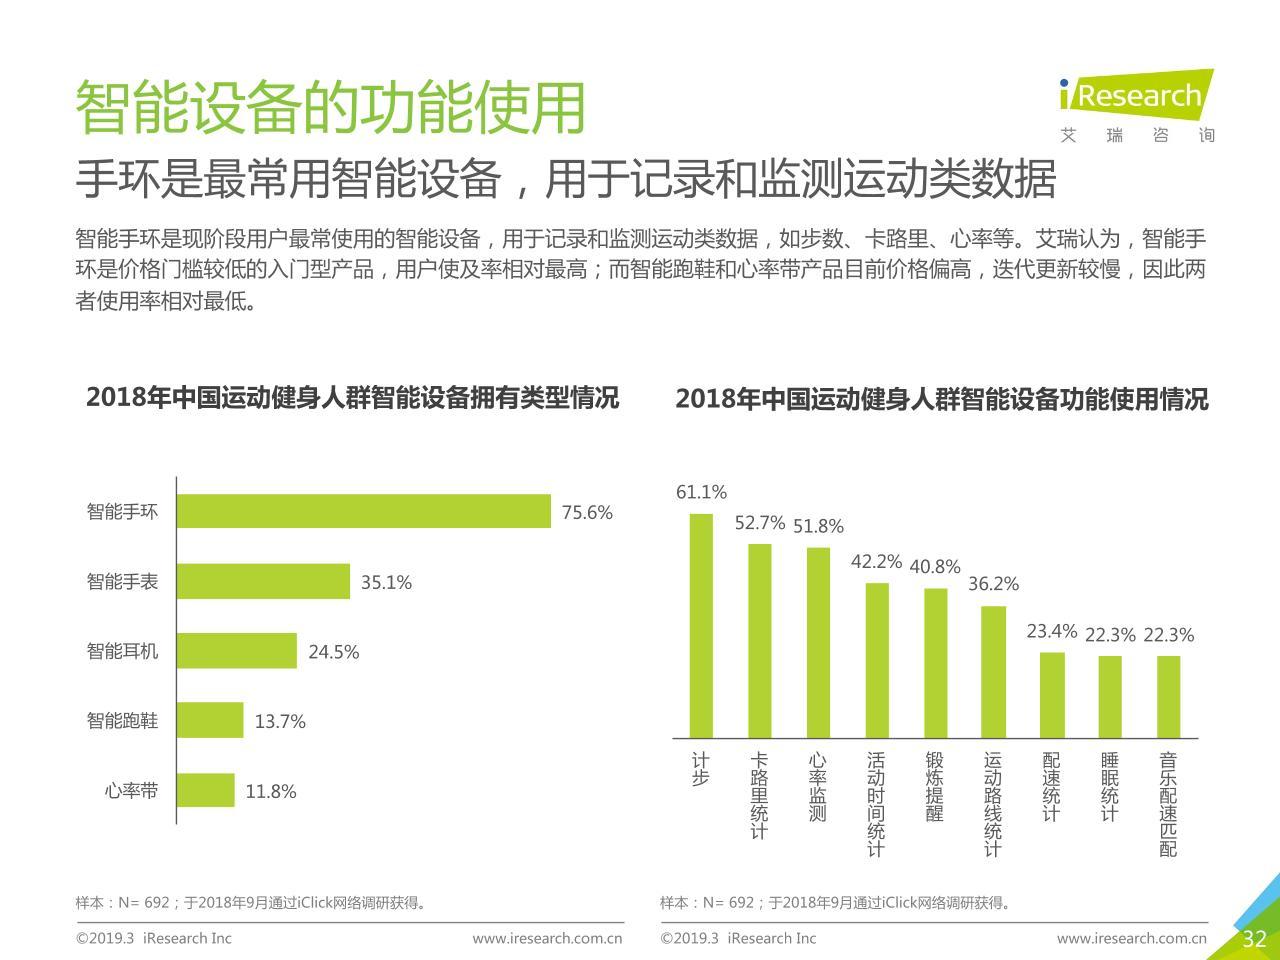 2019中國運動健身行業發展趨勢白皮書-undefined